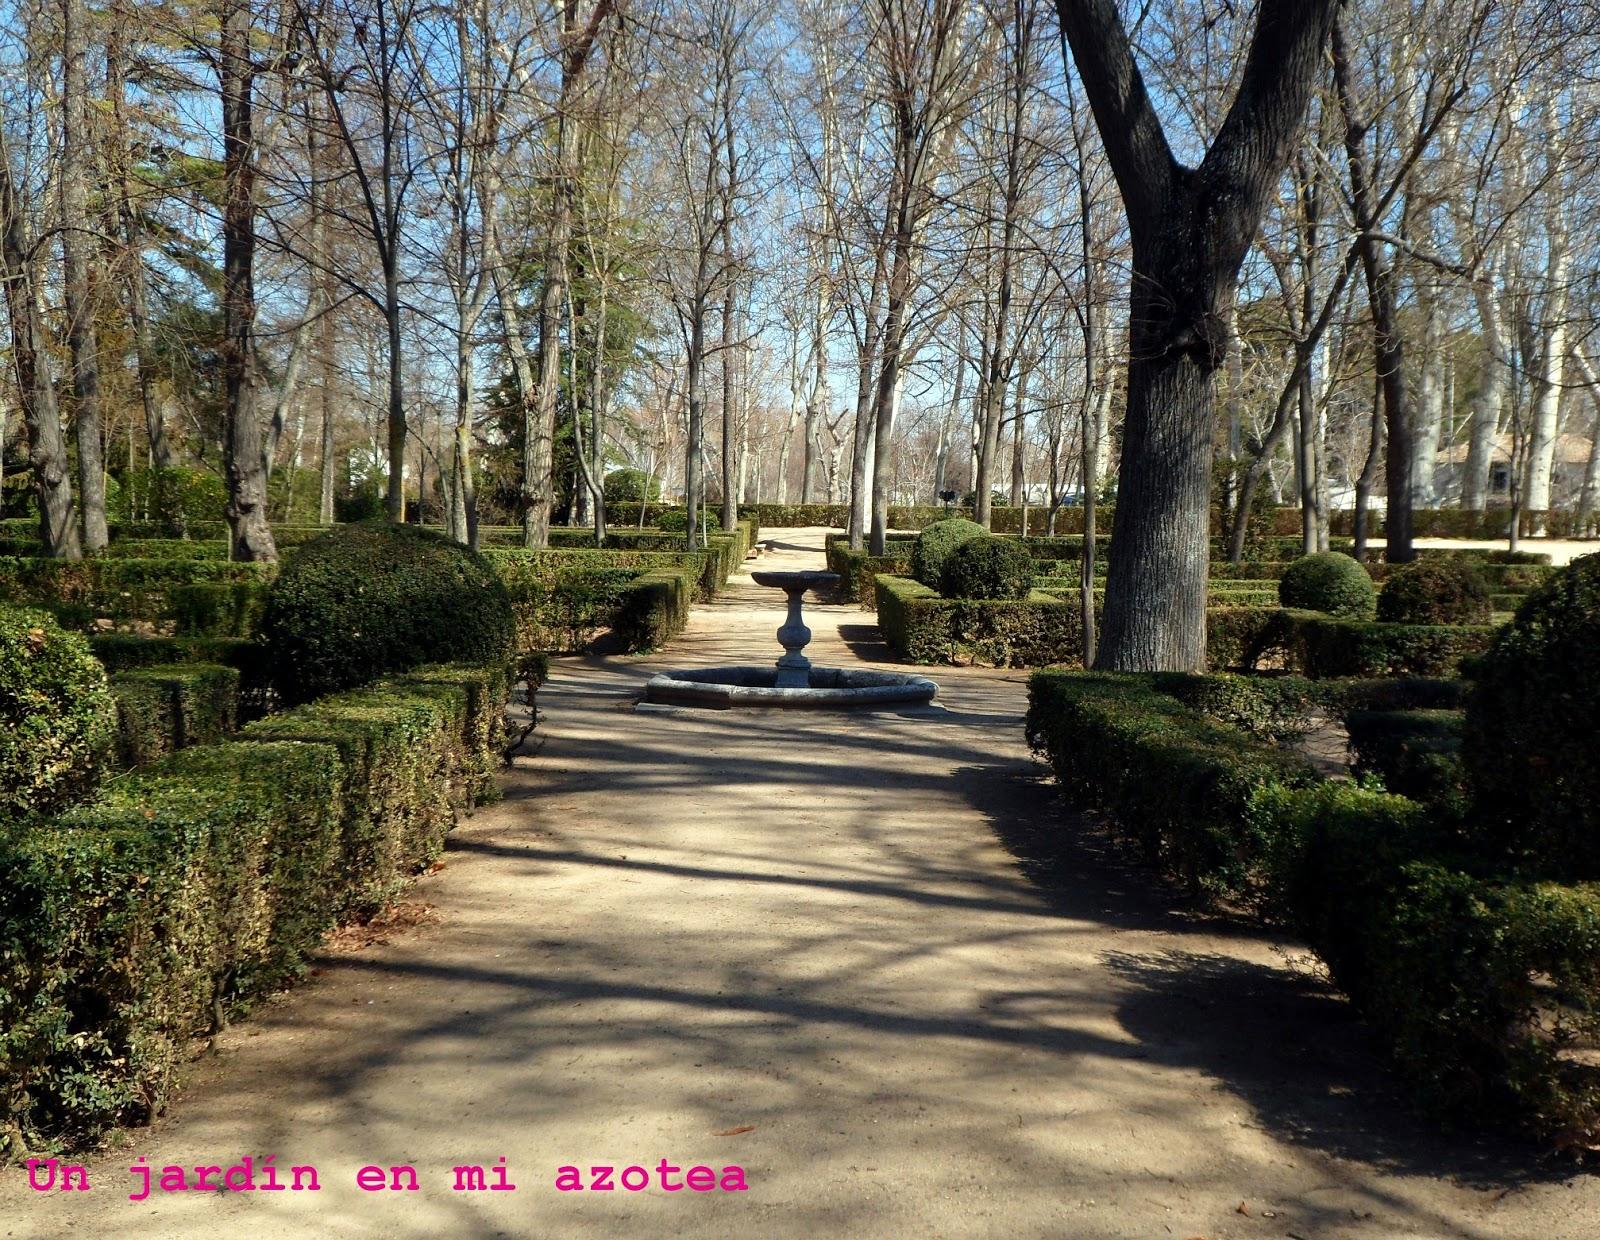 Un jard n en mi azotea el jard n de la isla de aranjuez for Jardines 7 islas